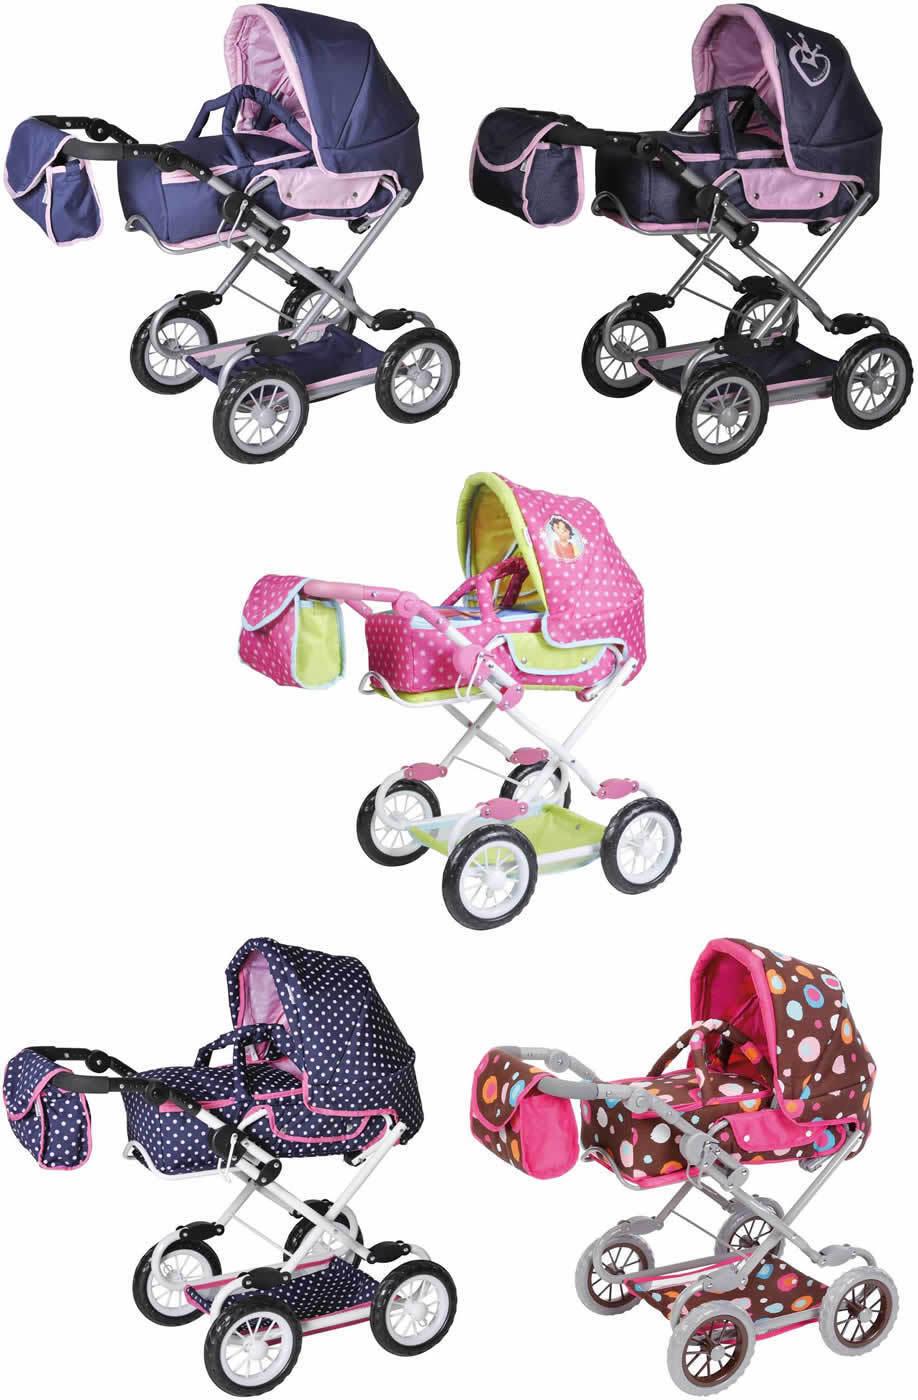 KNORRTOYS salsa bambole combinata carrello auto sportiva con borsa fasciatoio e borsa per il trasporto